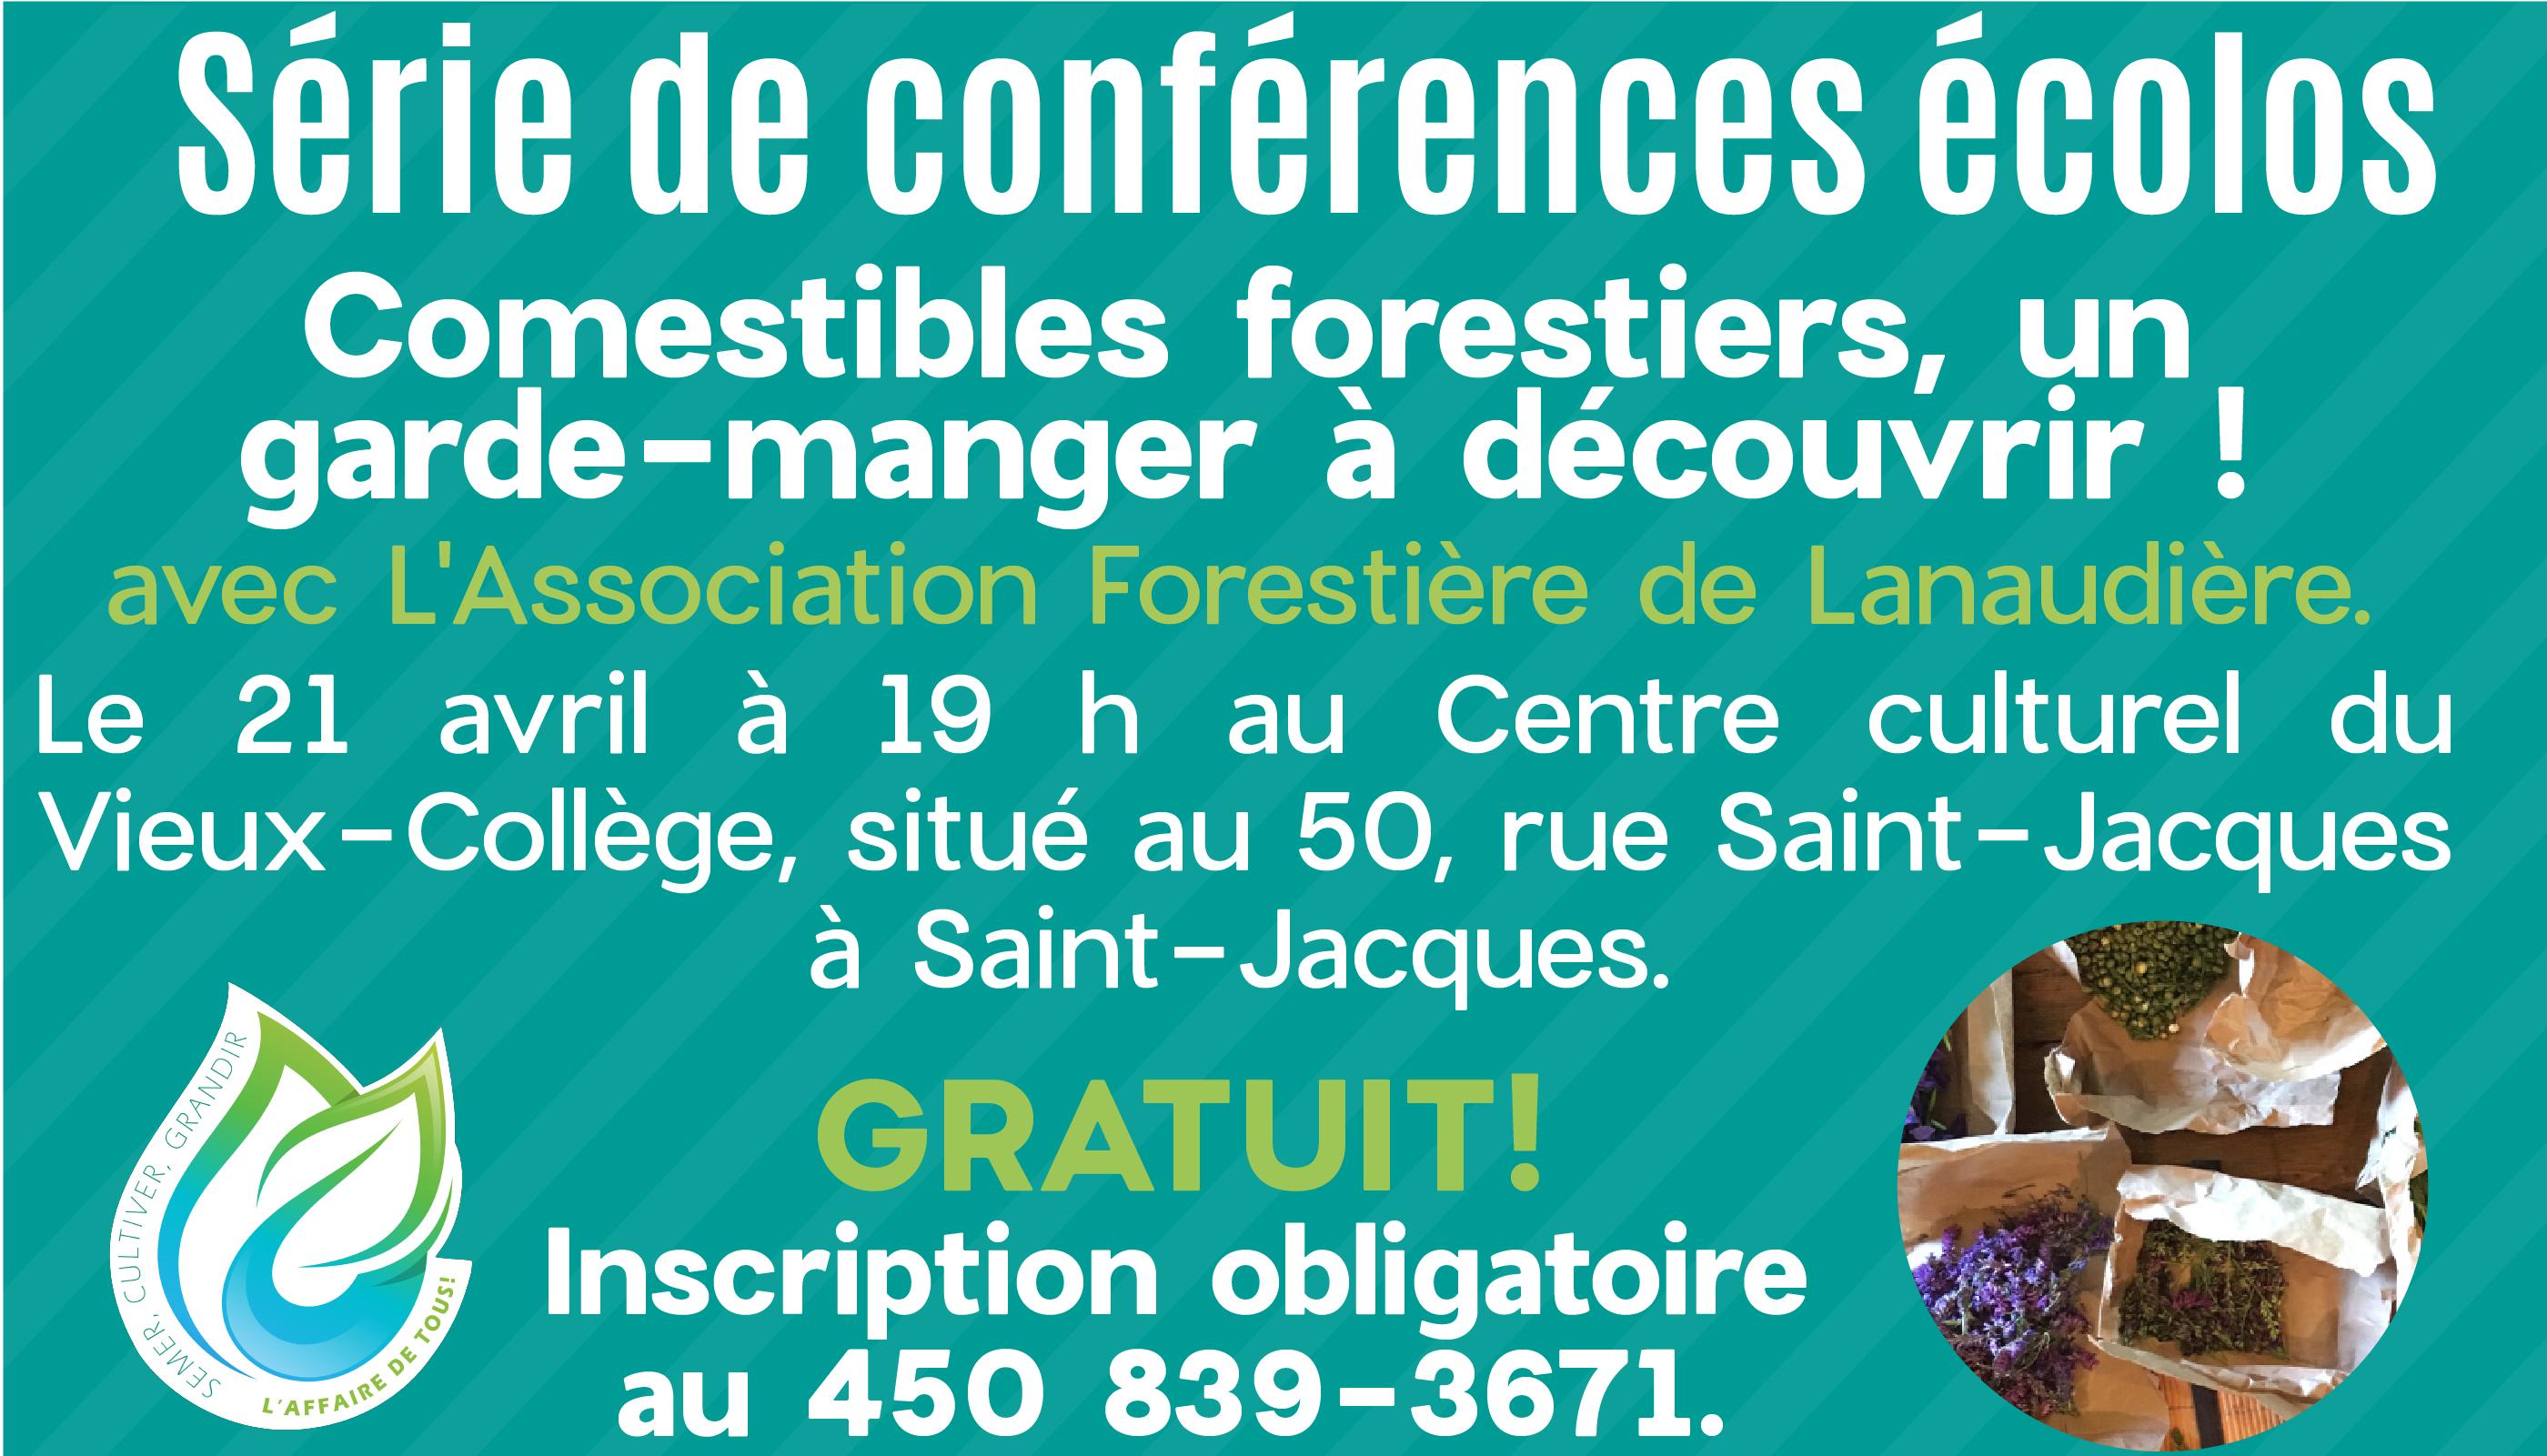 Conférence écolo | Comestibles forestiers, un garde-manger à découvrir! @ Centre culturel du Vieux-Collège